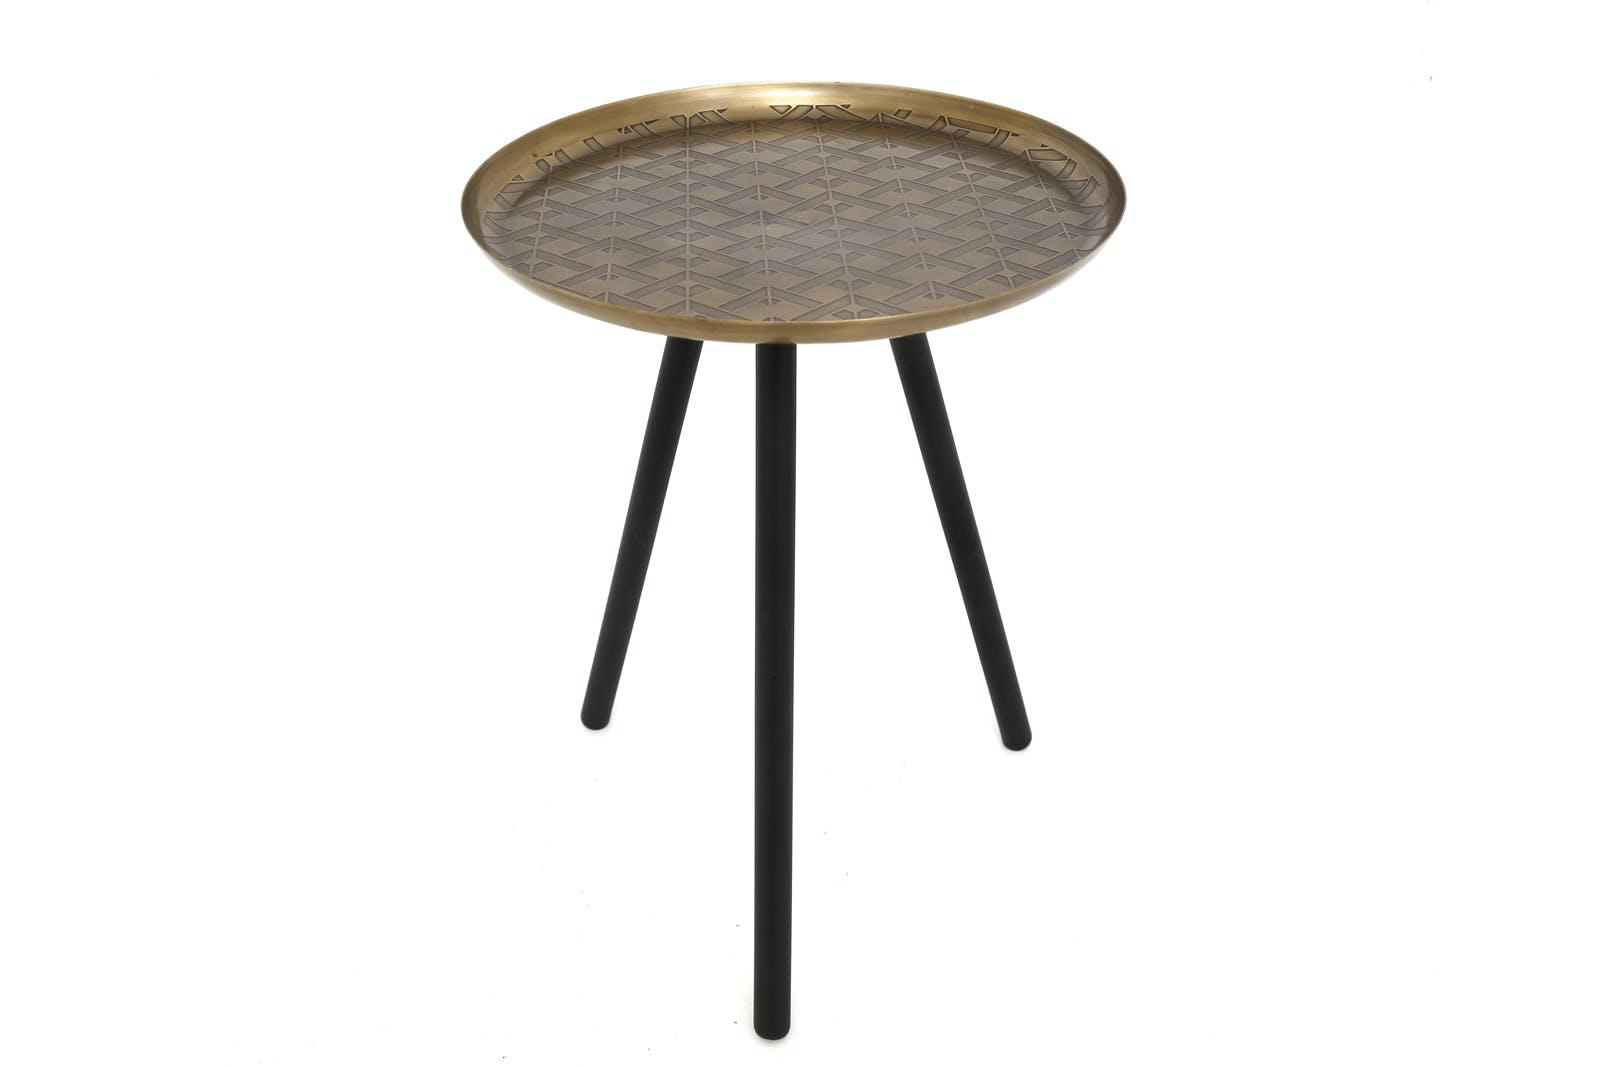 Bout de canapé métal doré et noir 3 pieds D31xH40cm